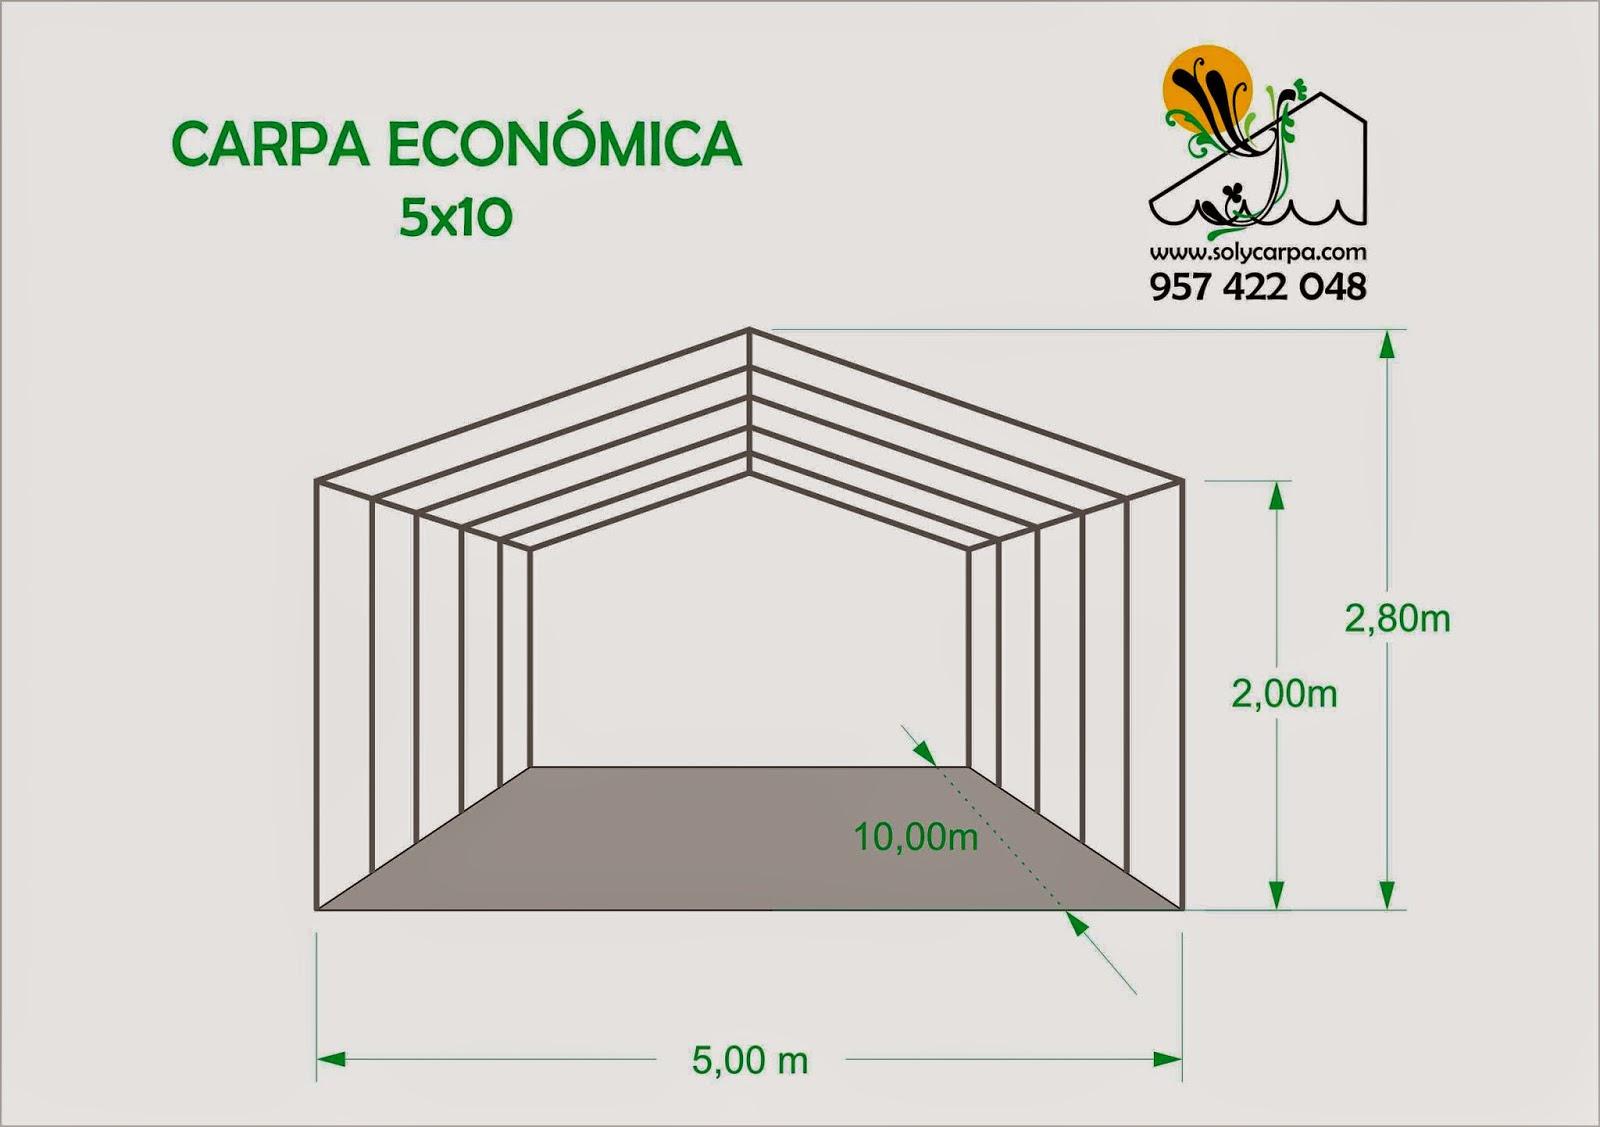 Solycarpa carpas econ micas carpa 5x10 - Carpas plegables economicas ...